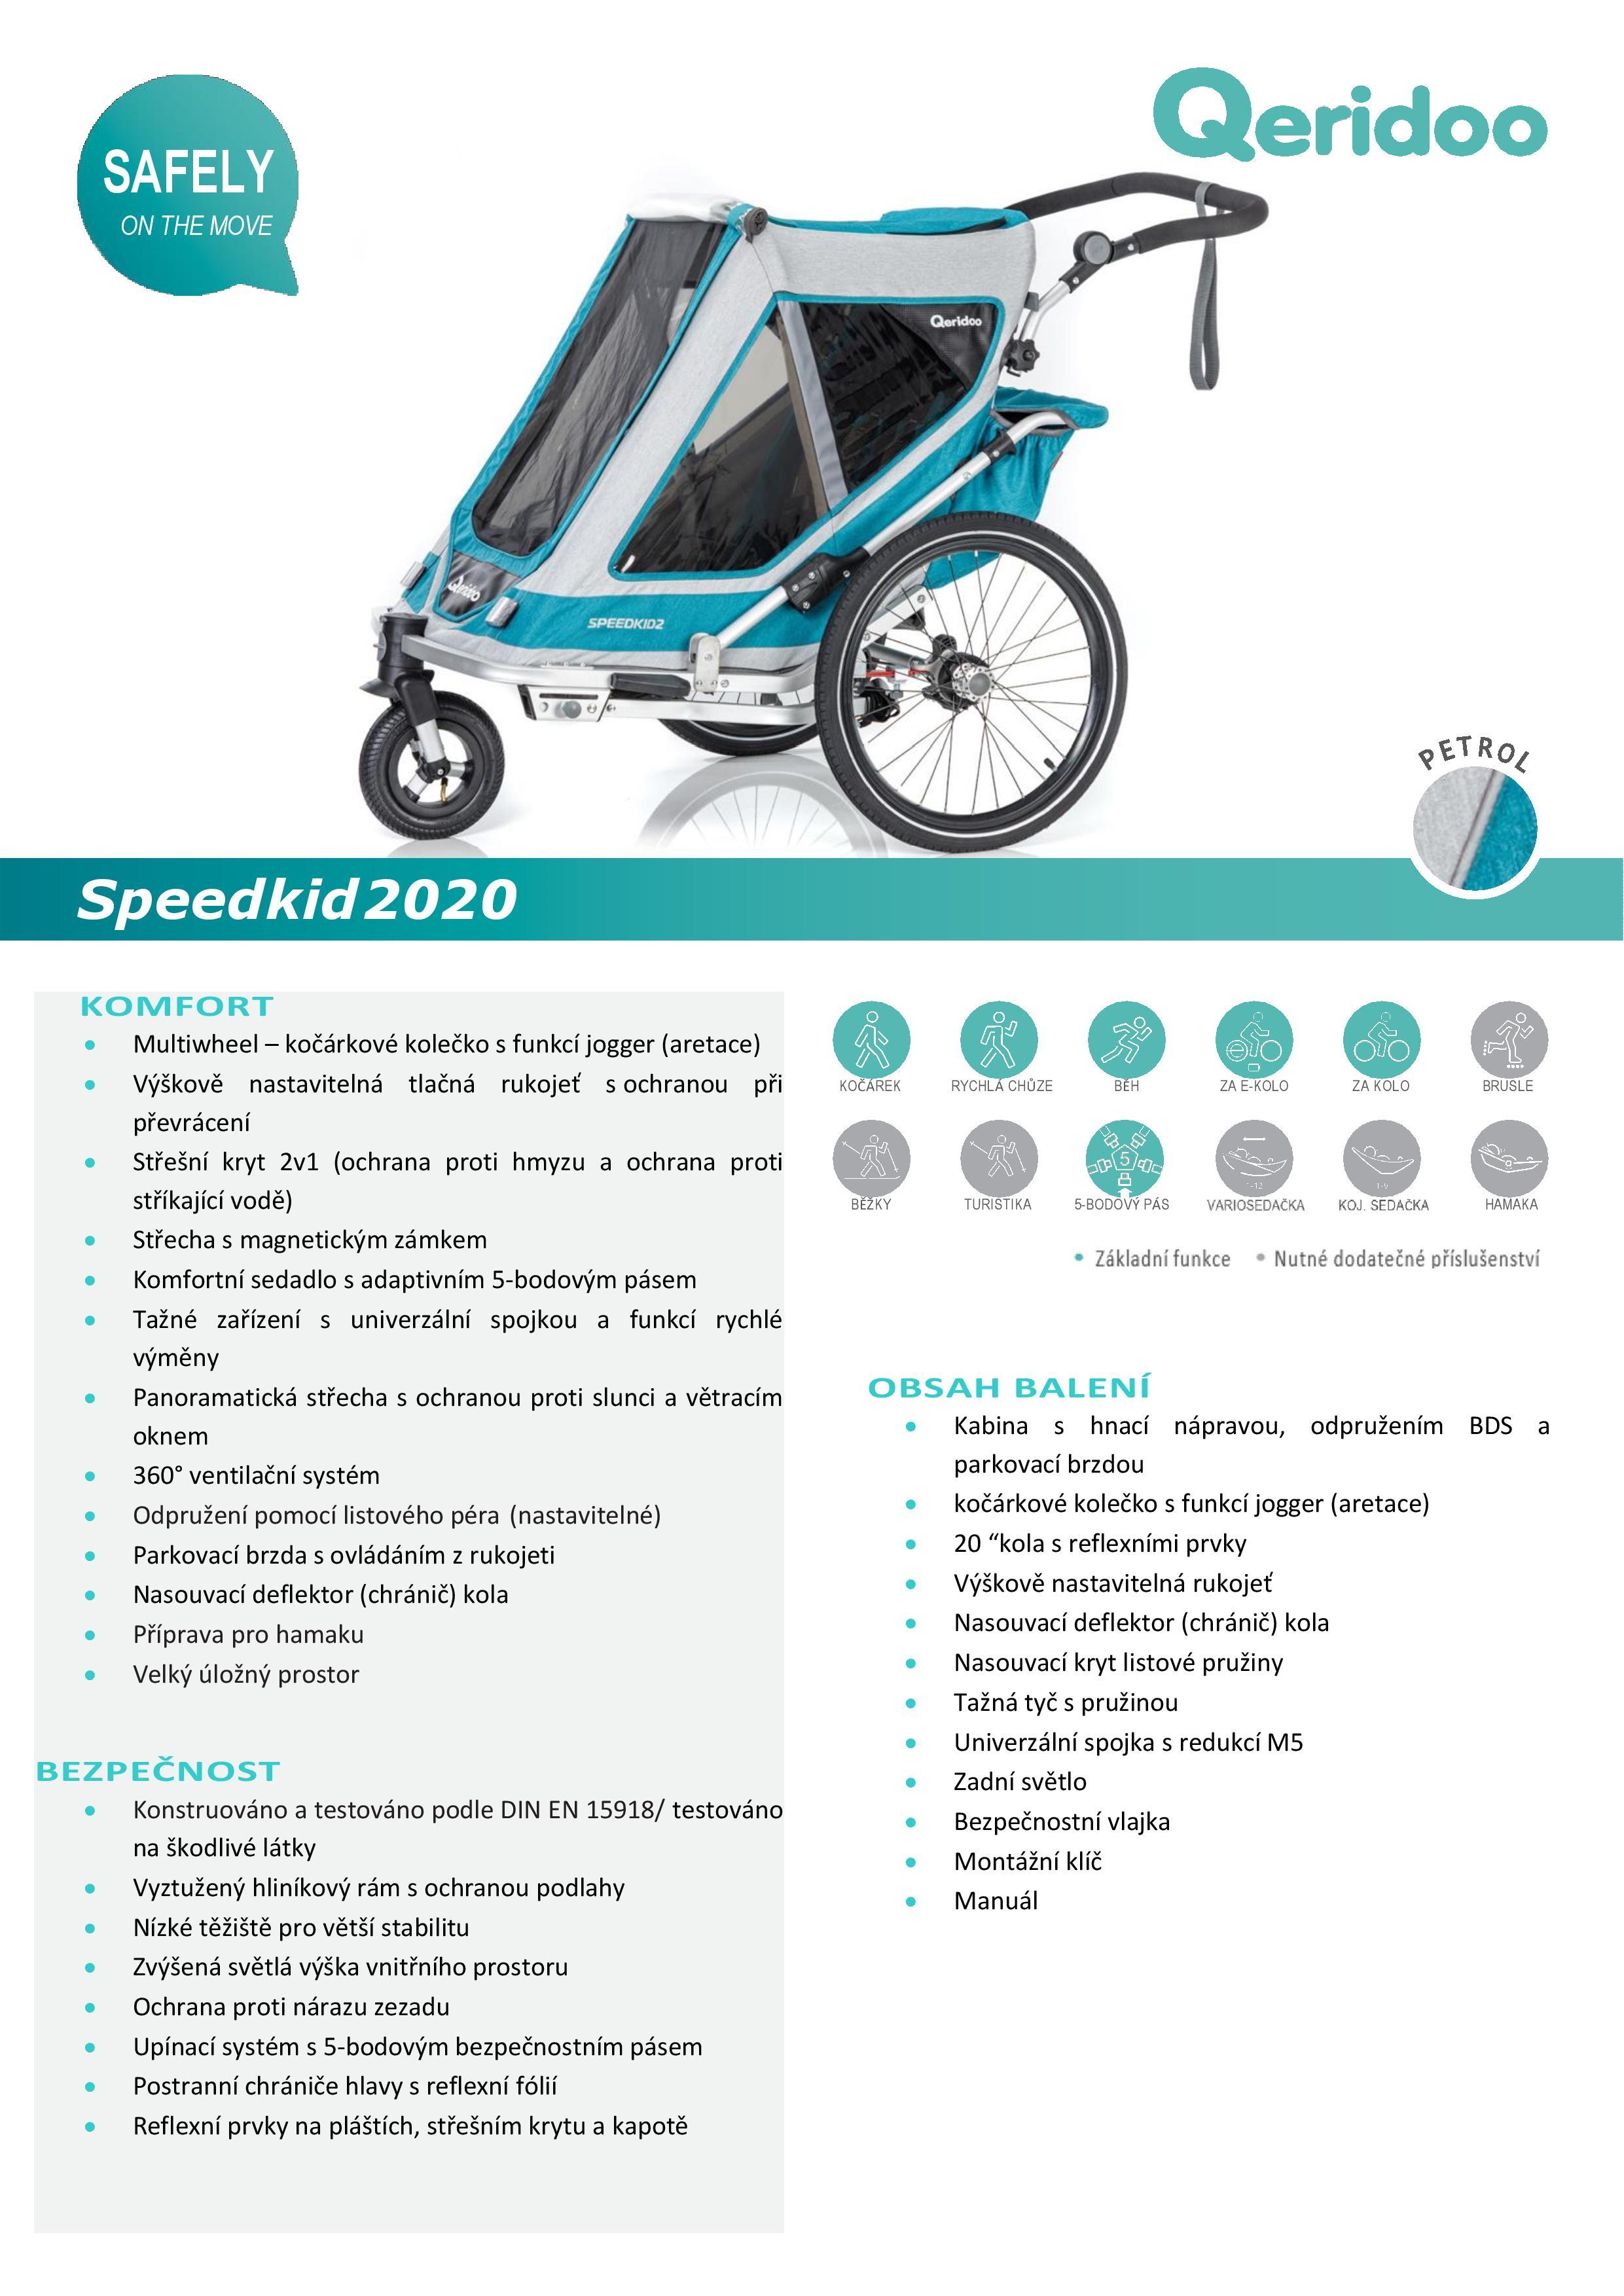 speedkid_2020_cz-page-001